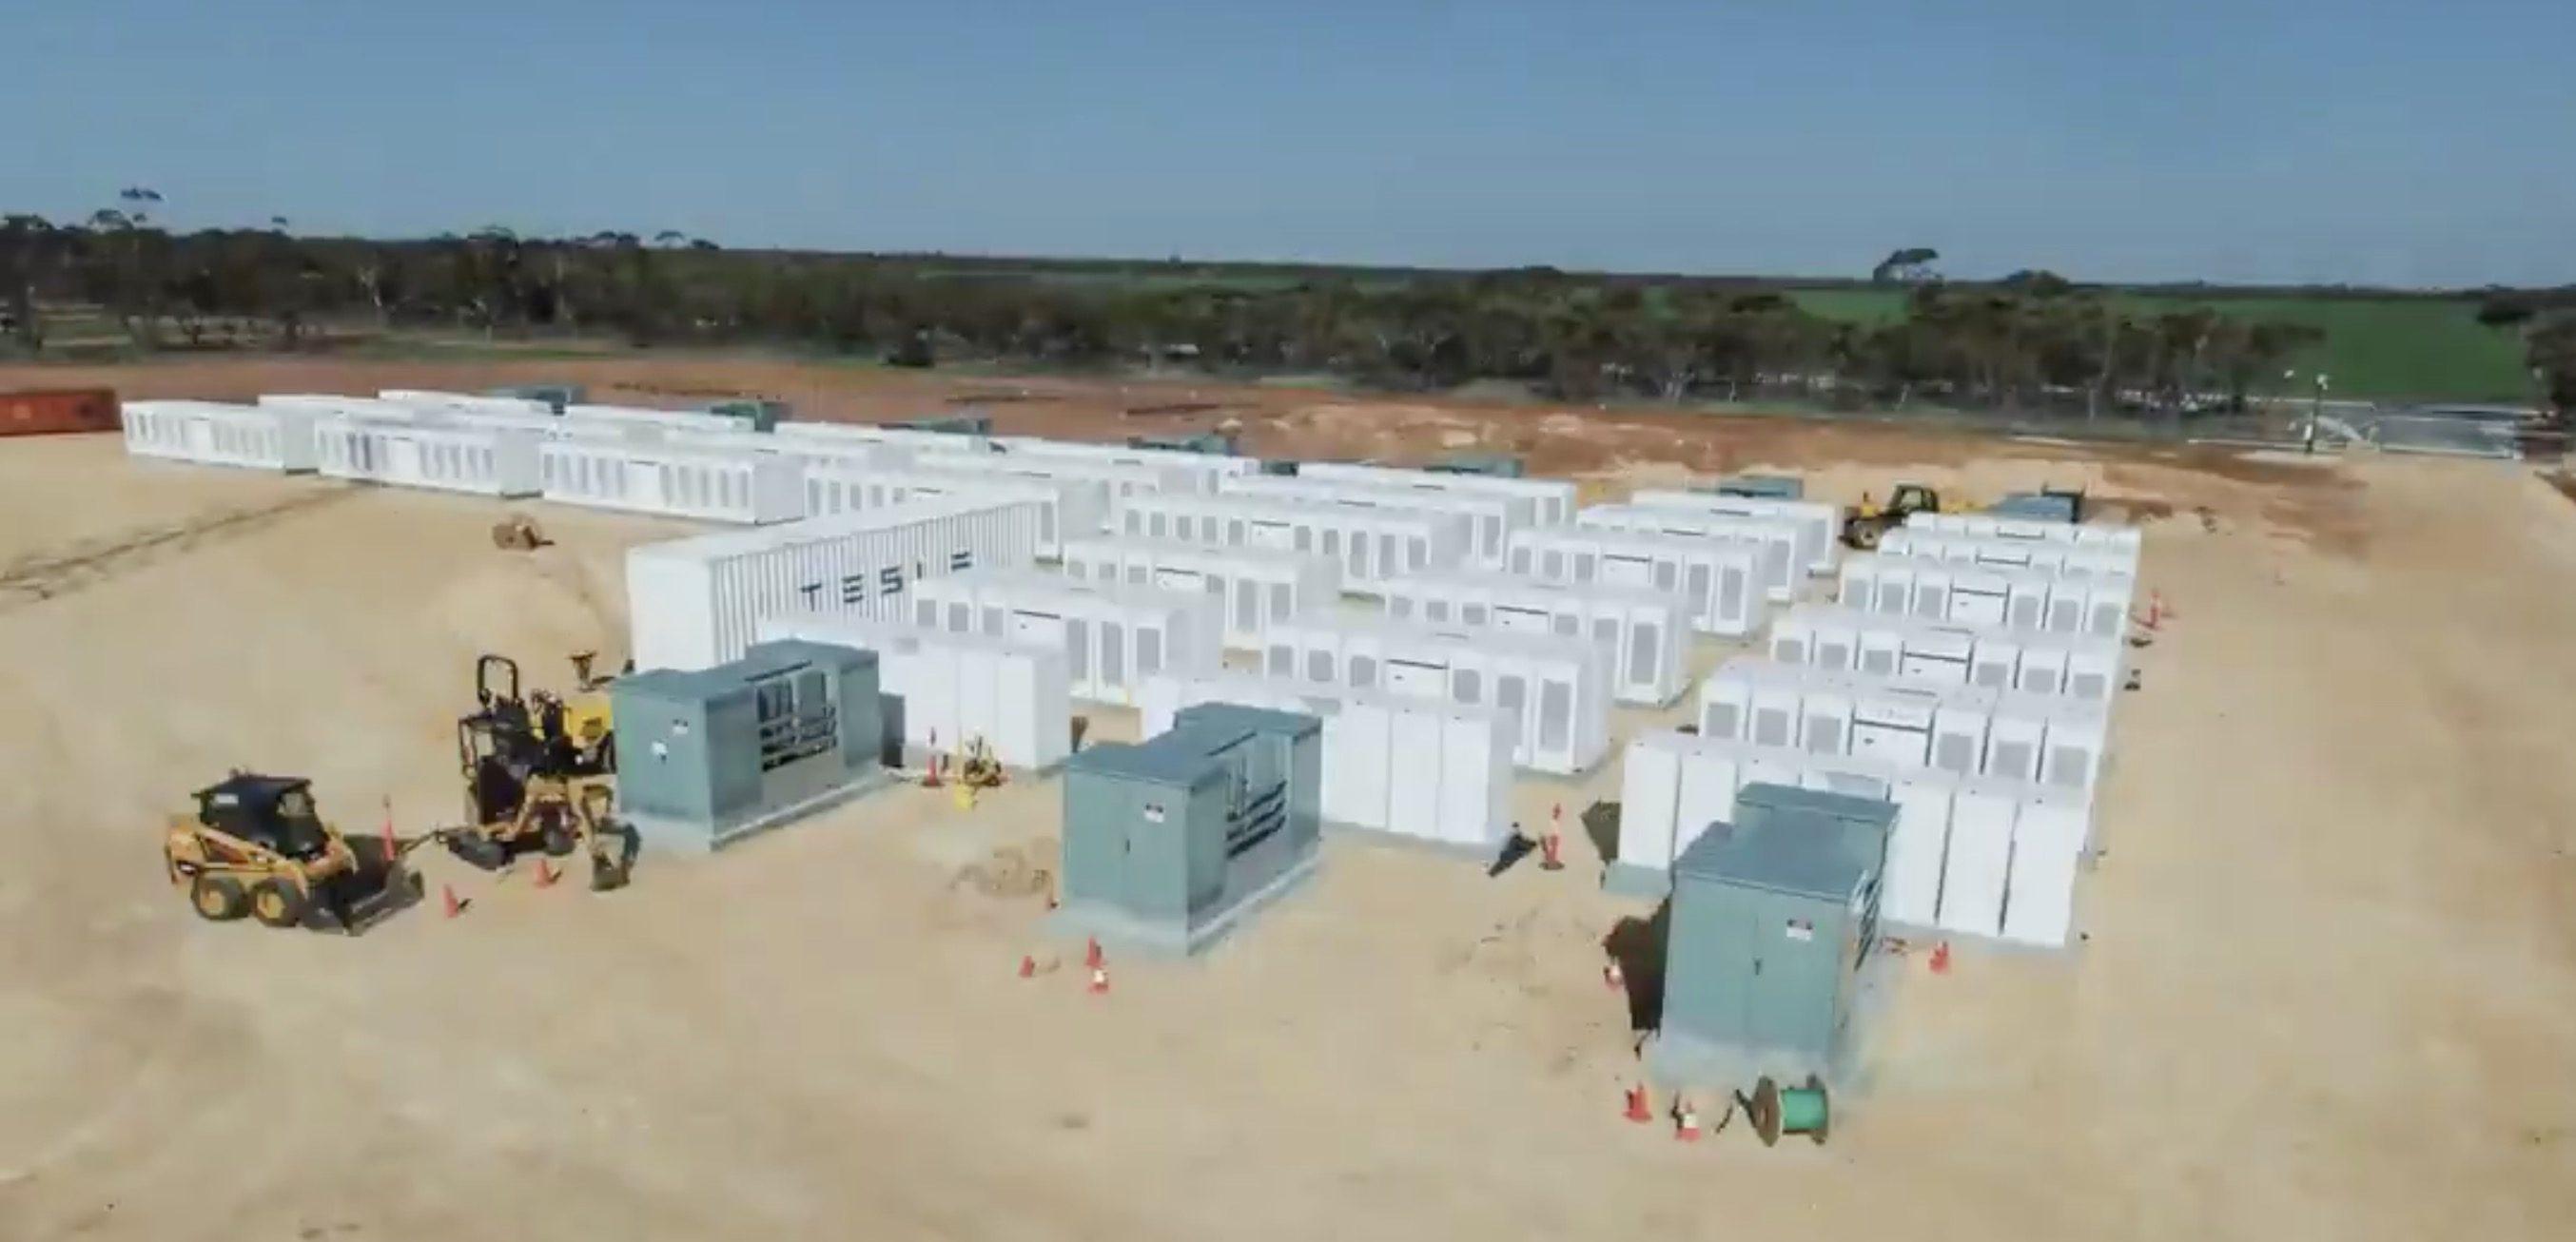 Тесла планирует устанавливать новые массивные стационарные аккумуляторные батареи в Калифорнии - 1